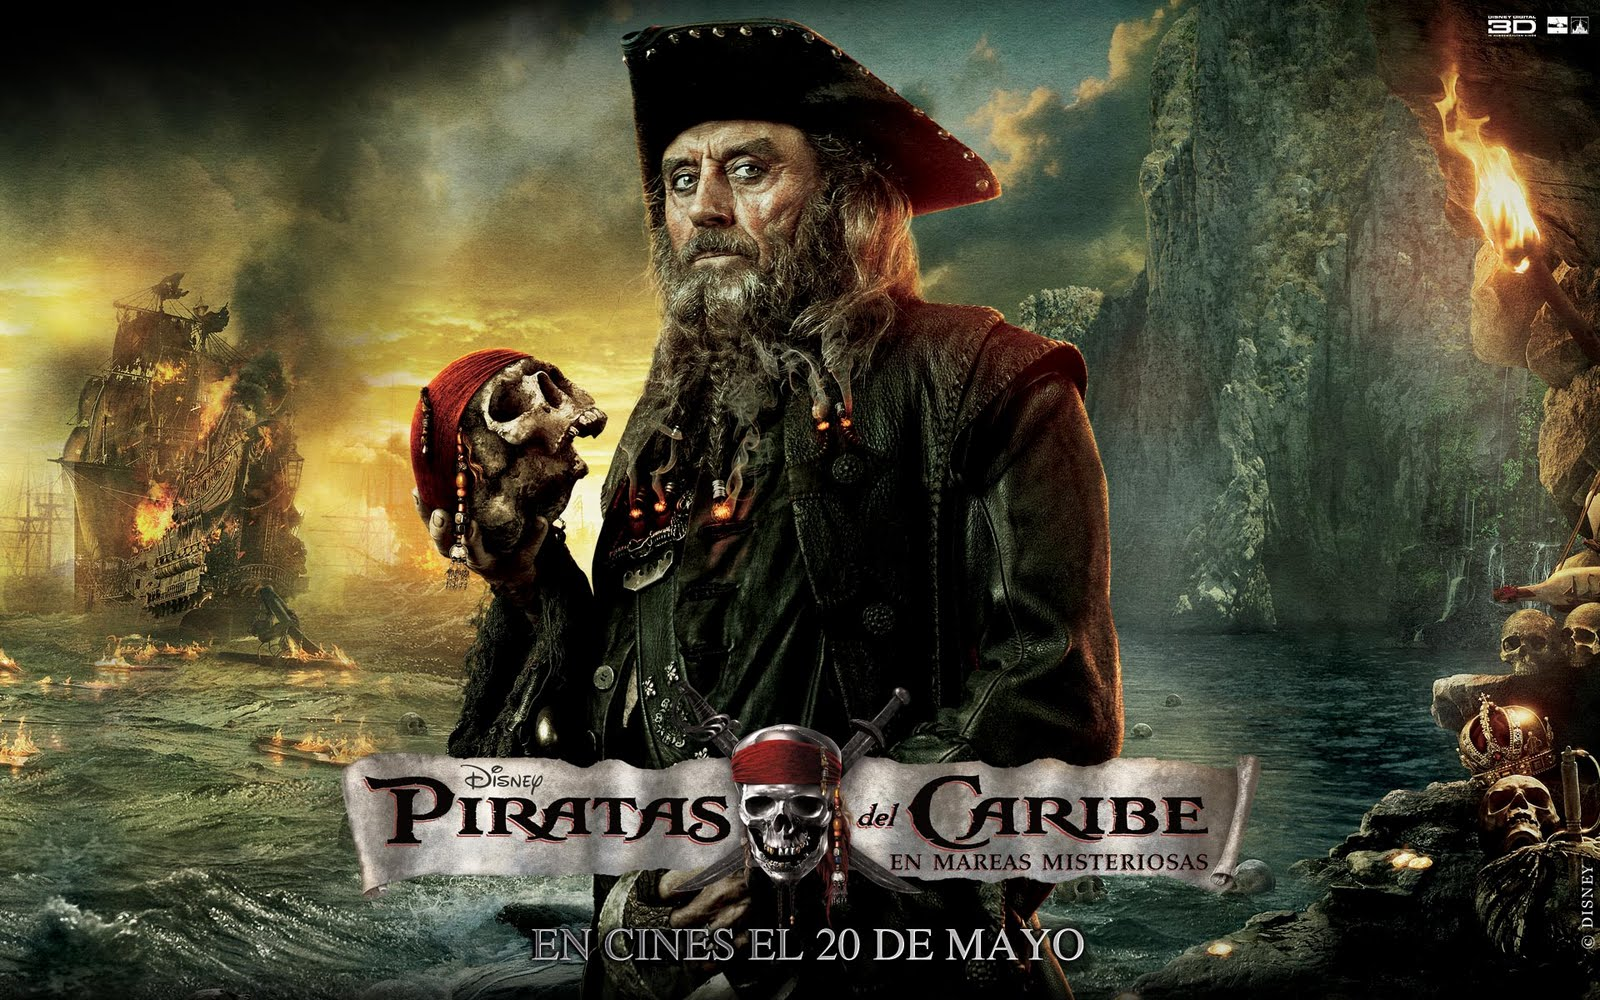 Fotos de piratas del caribe 4 82